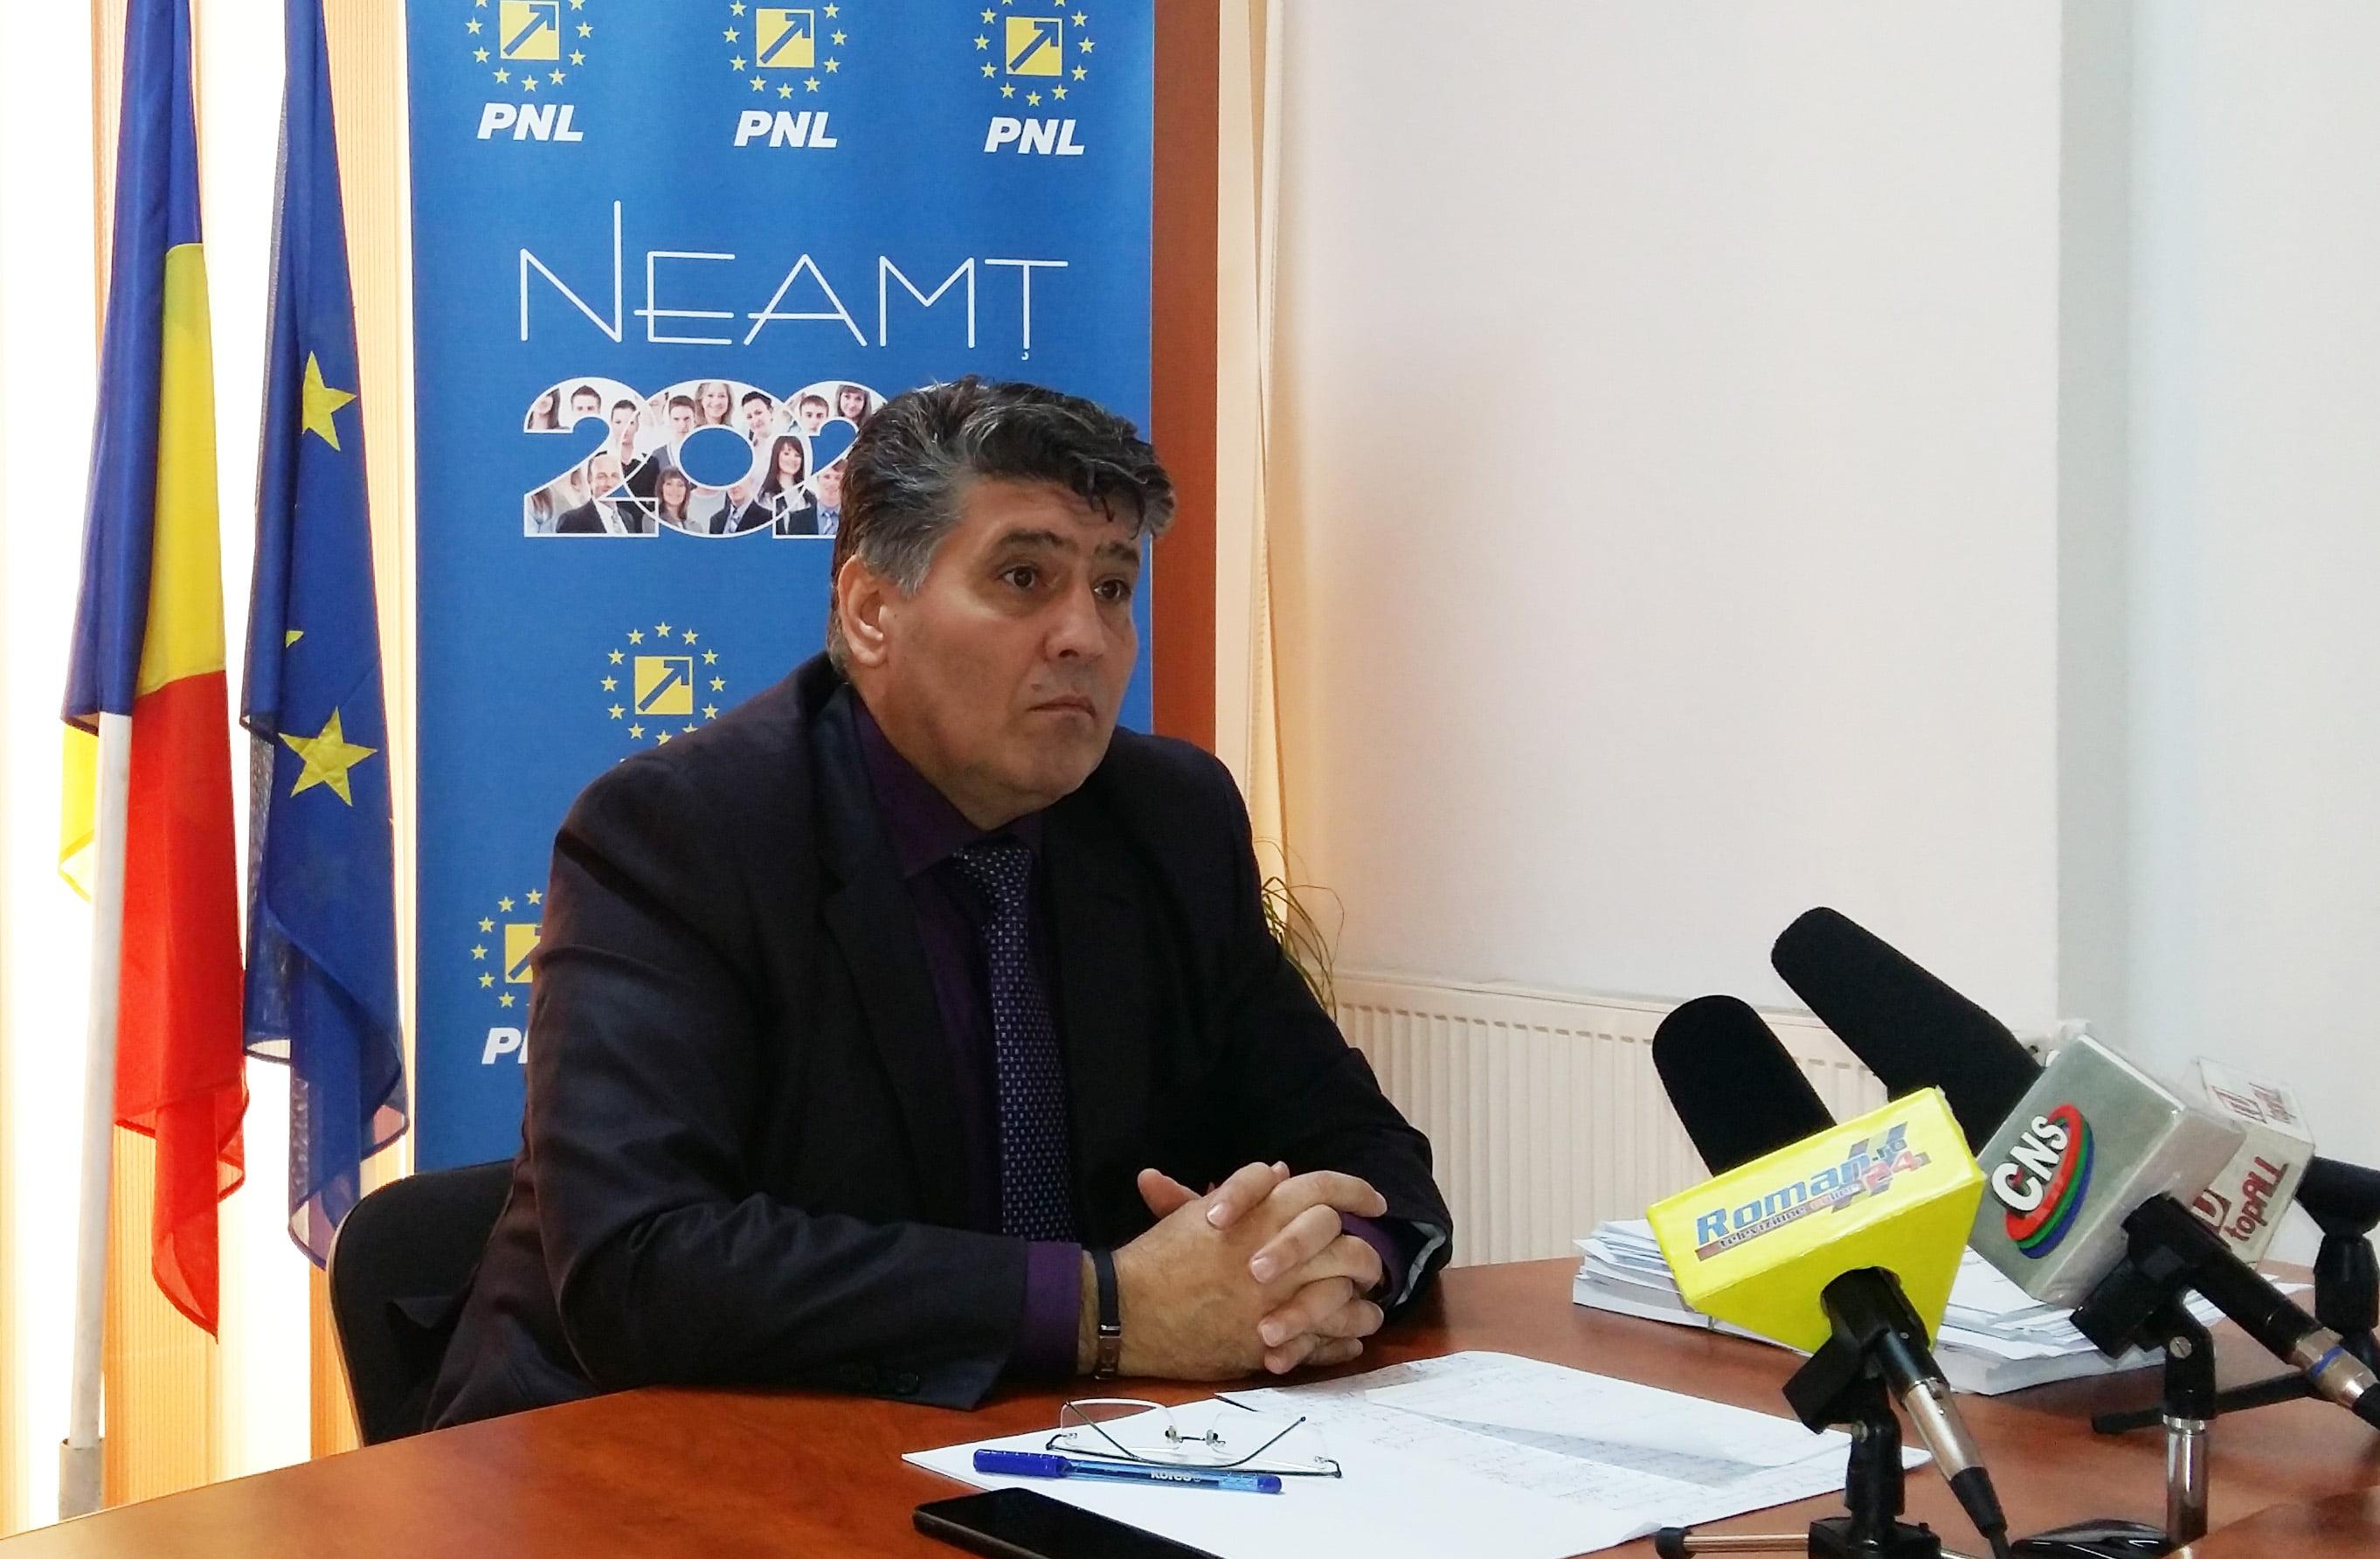 """Vicepreședintele PNL Laurențiu Leoreanu: """"PSD și Pro România au un singur drept pe timp de criză: să tacă! Guvernul face tot ce e omenește posibil ca România să depășească această perioadă"""""""